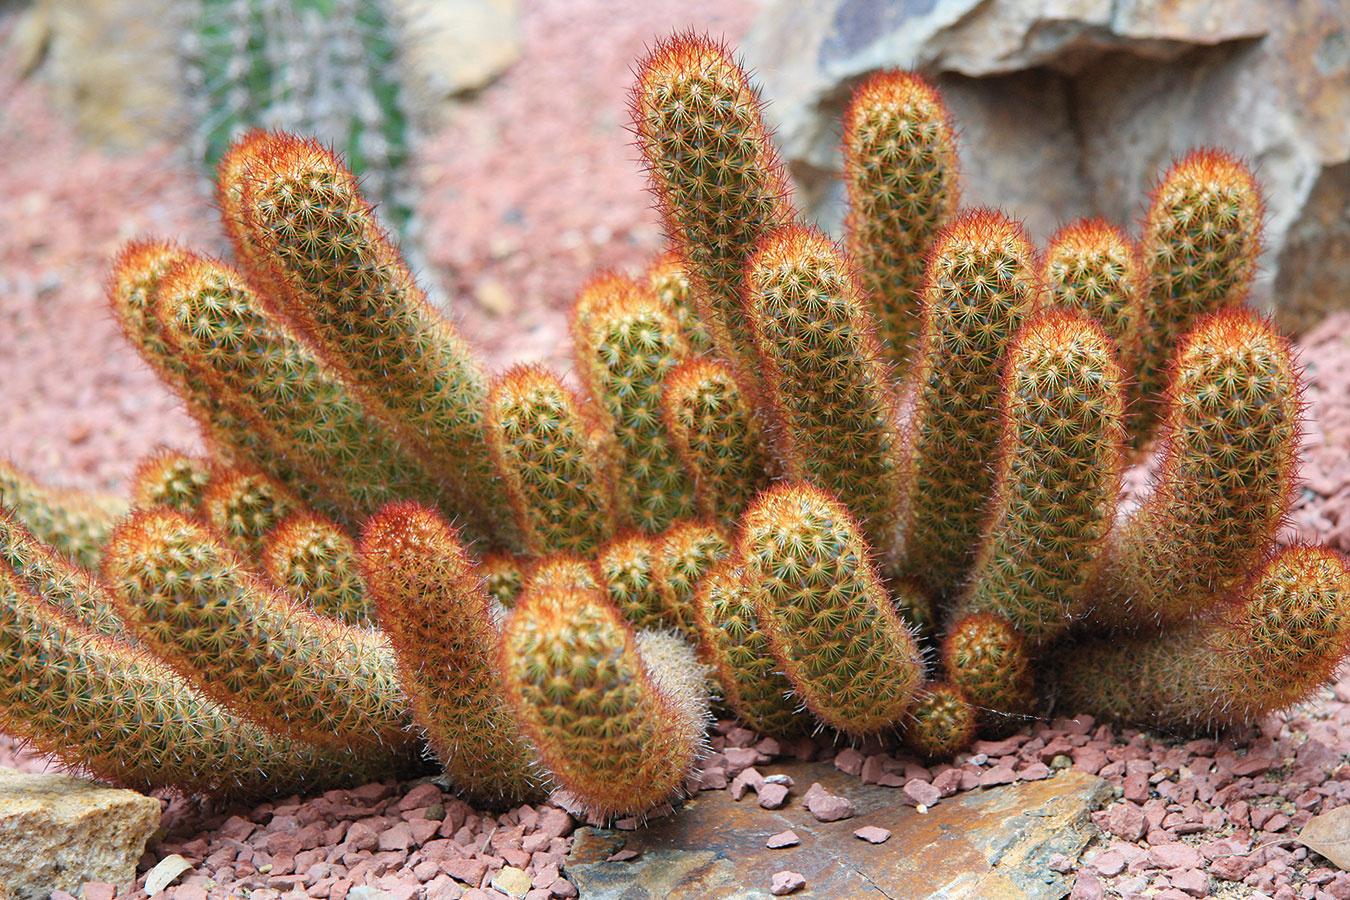 Nutnosť zazimovania kaktusov je málo známa, ale má veľký vplyv na ich zdravotný stav anajmä kvitnutie. Ak vsezóne nekvitli, pravdepodobne neboli správne zazimované.